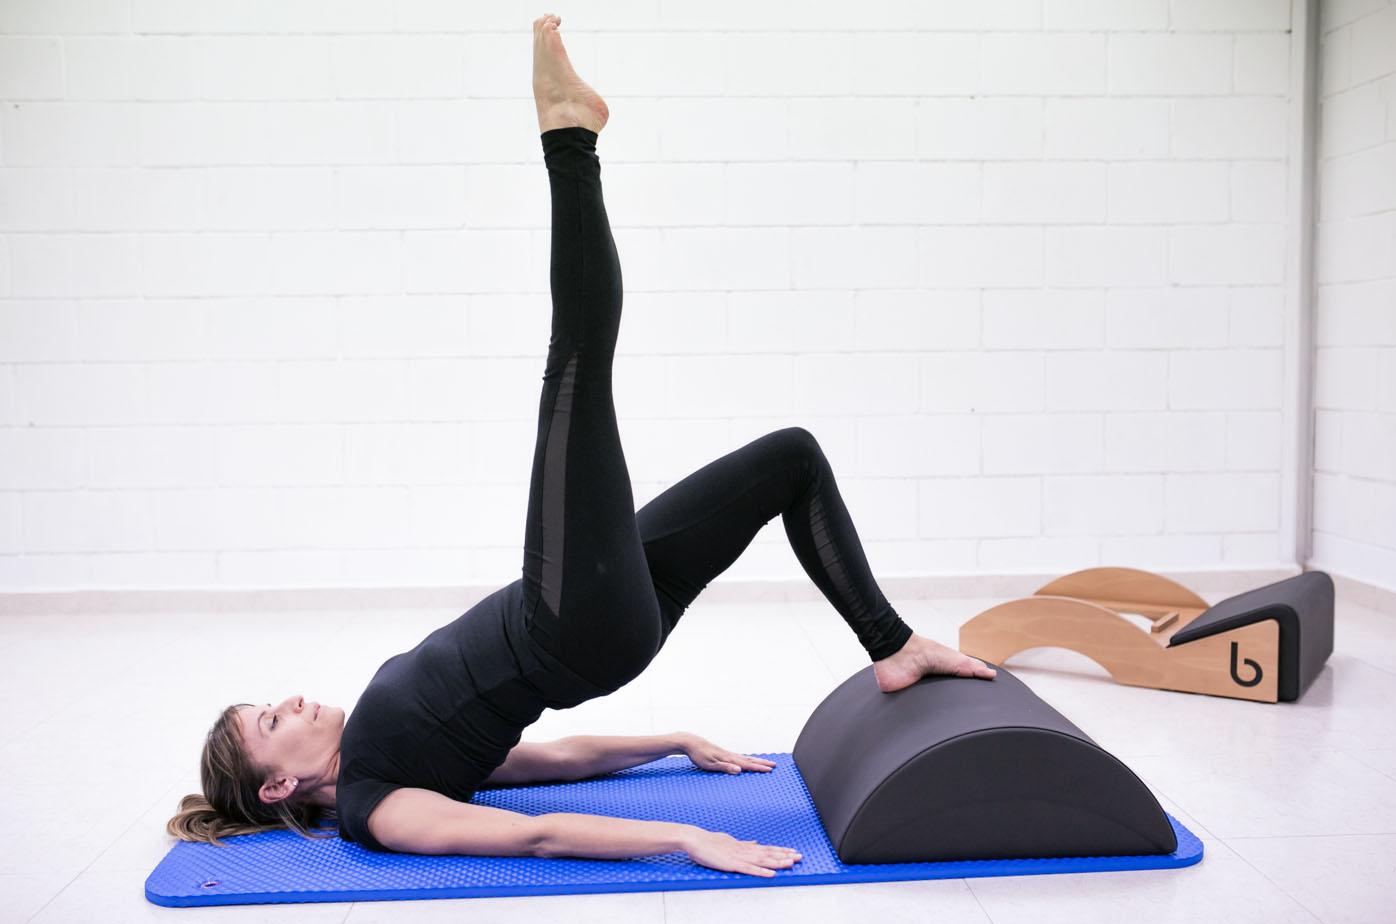 Posturas y posiciones de pilates más practicadas Blog - Máquinas Pilates: reformer, accesorios y material